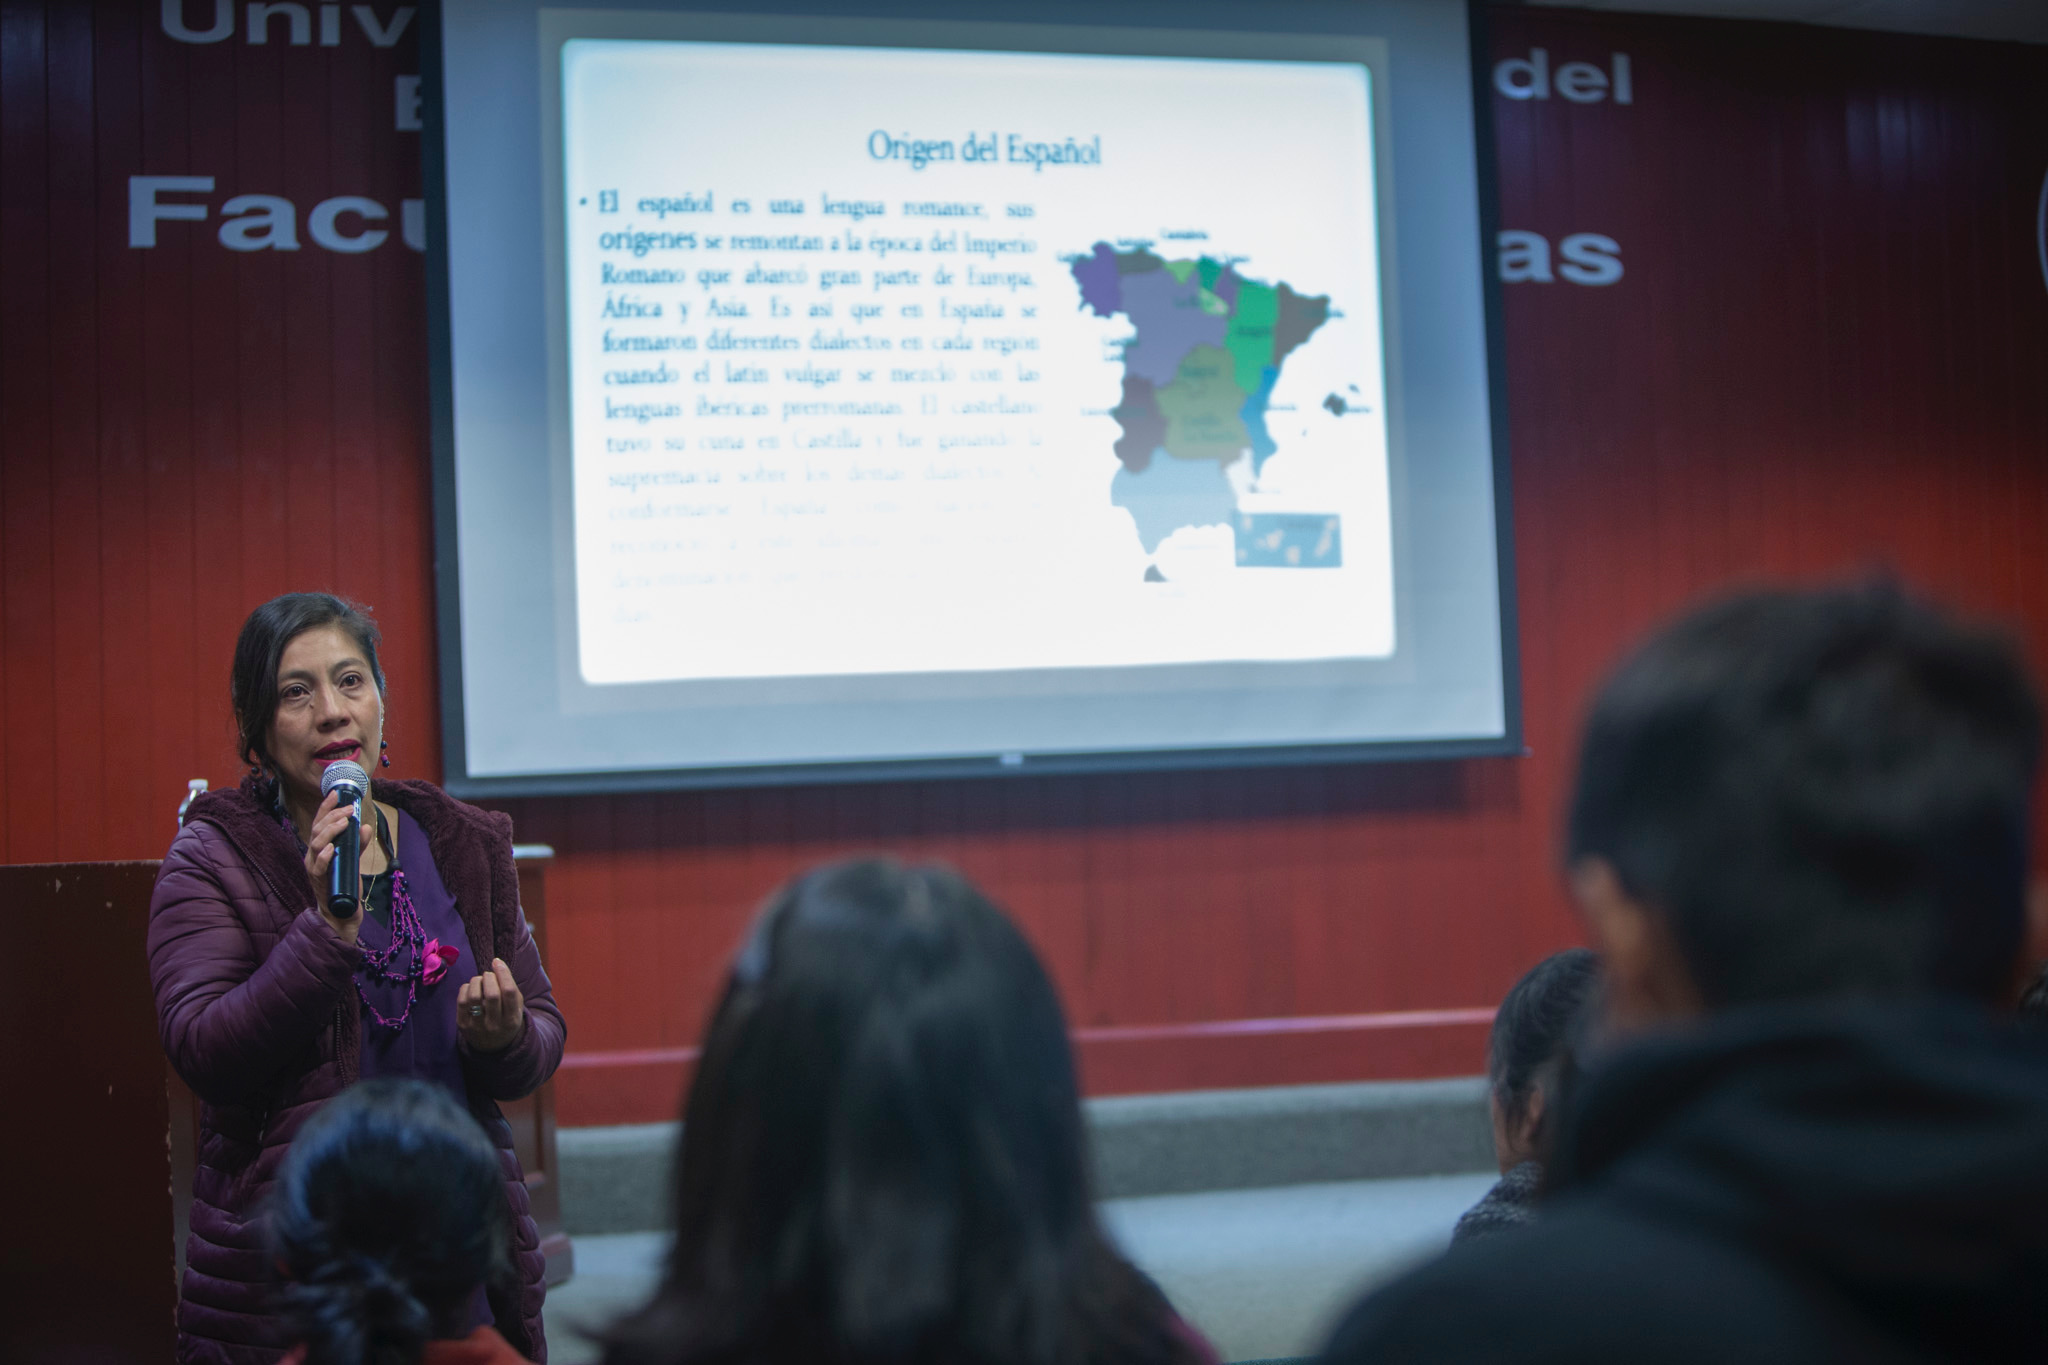 Español, fundamental en la unificación de Latinoamérica